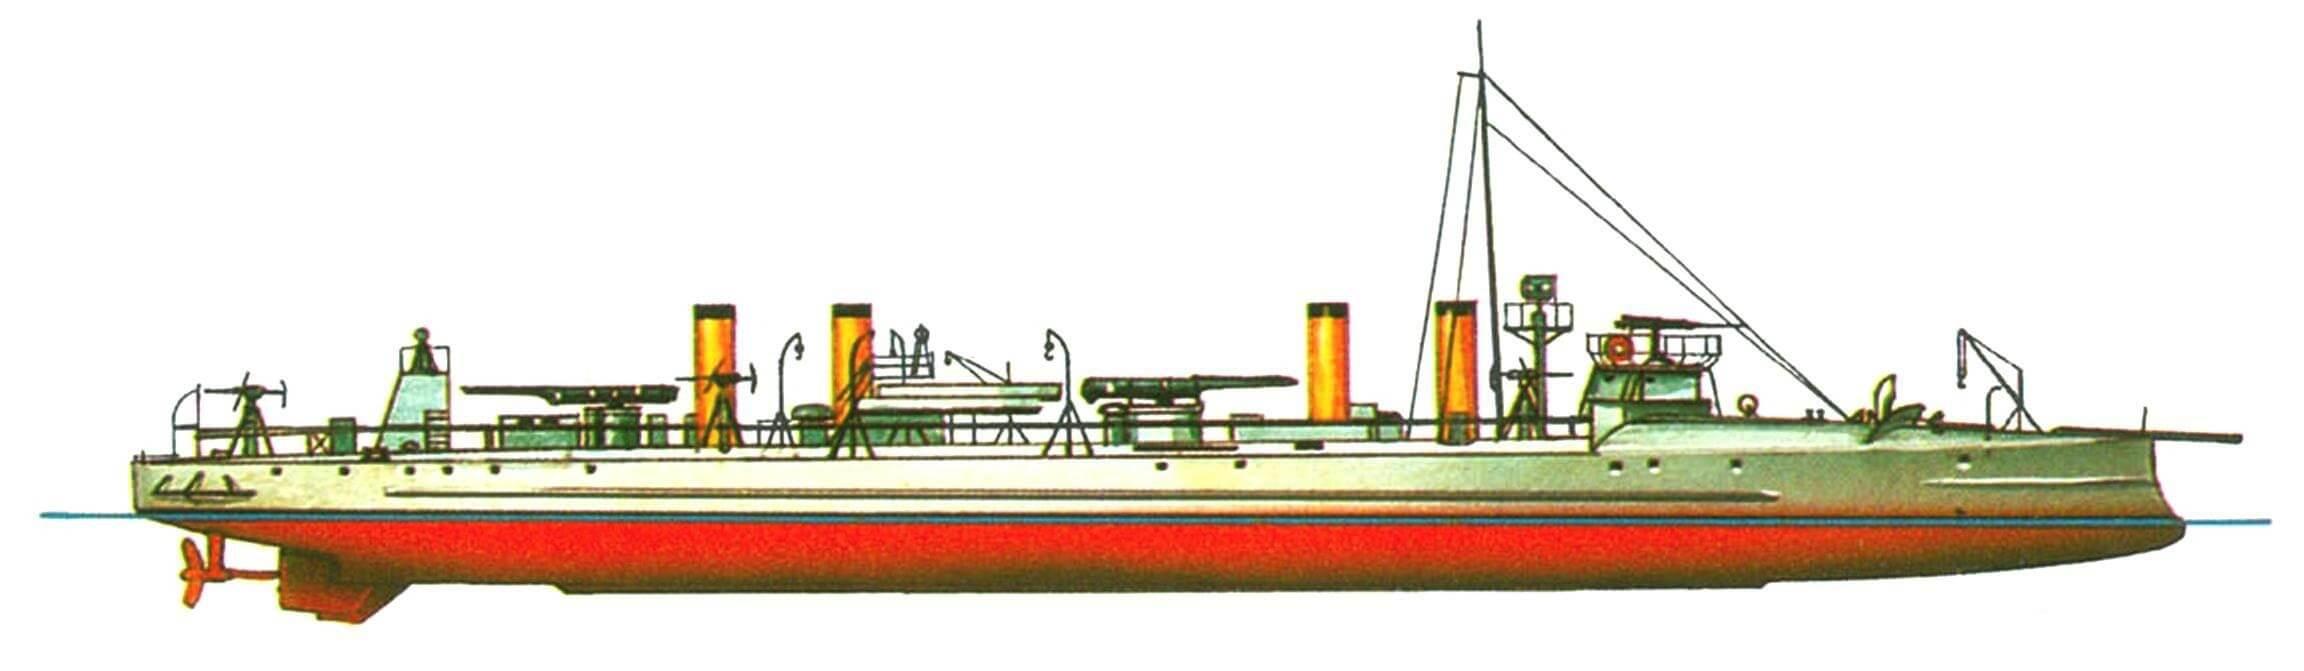 130. «Истребитель» «Форель», Россия, 1901 г.